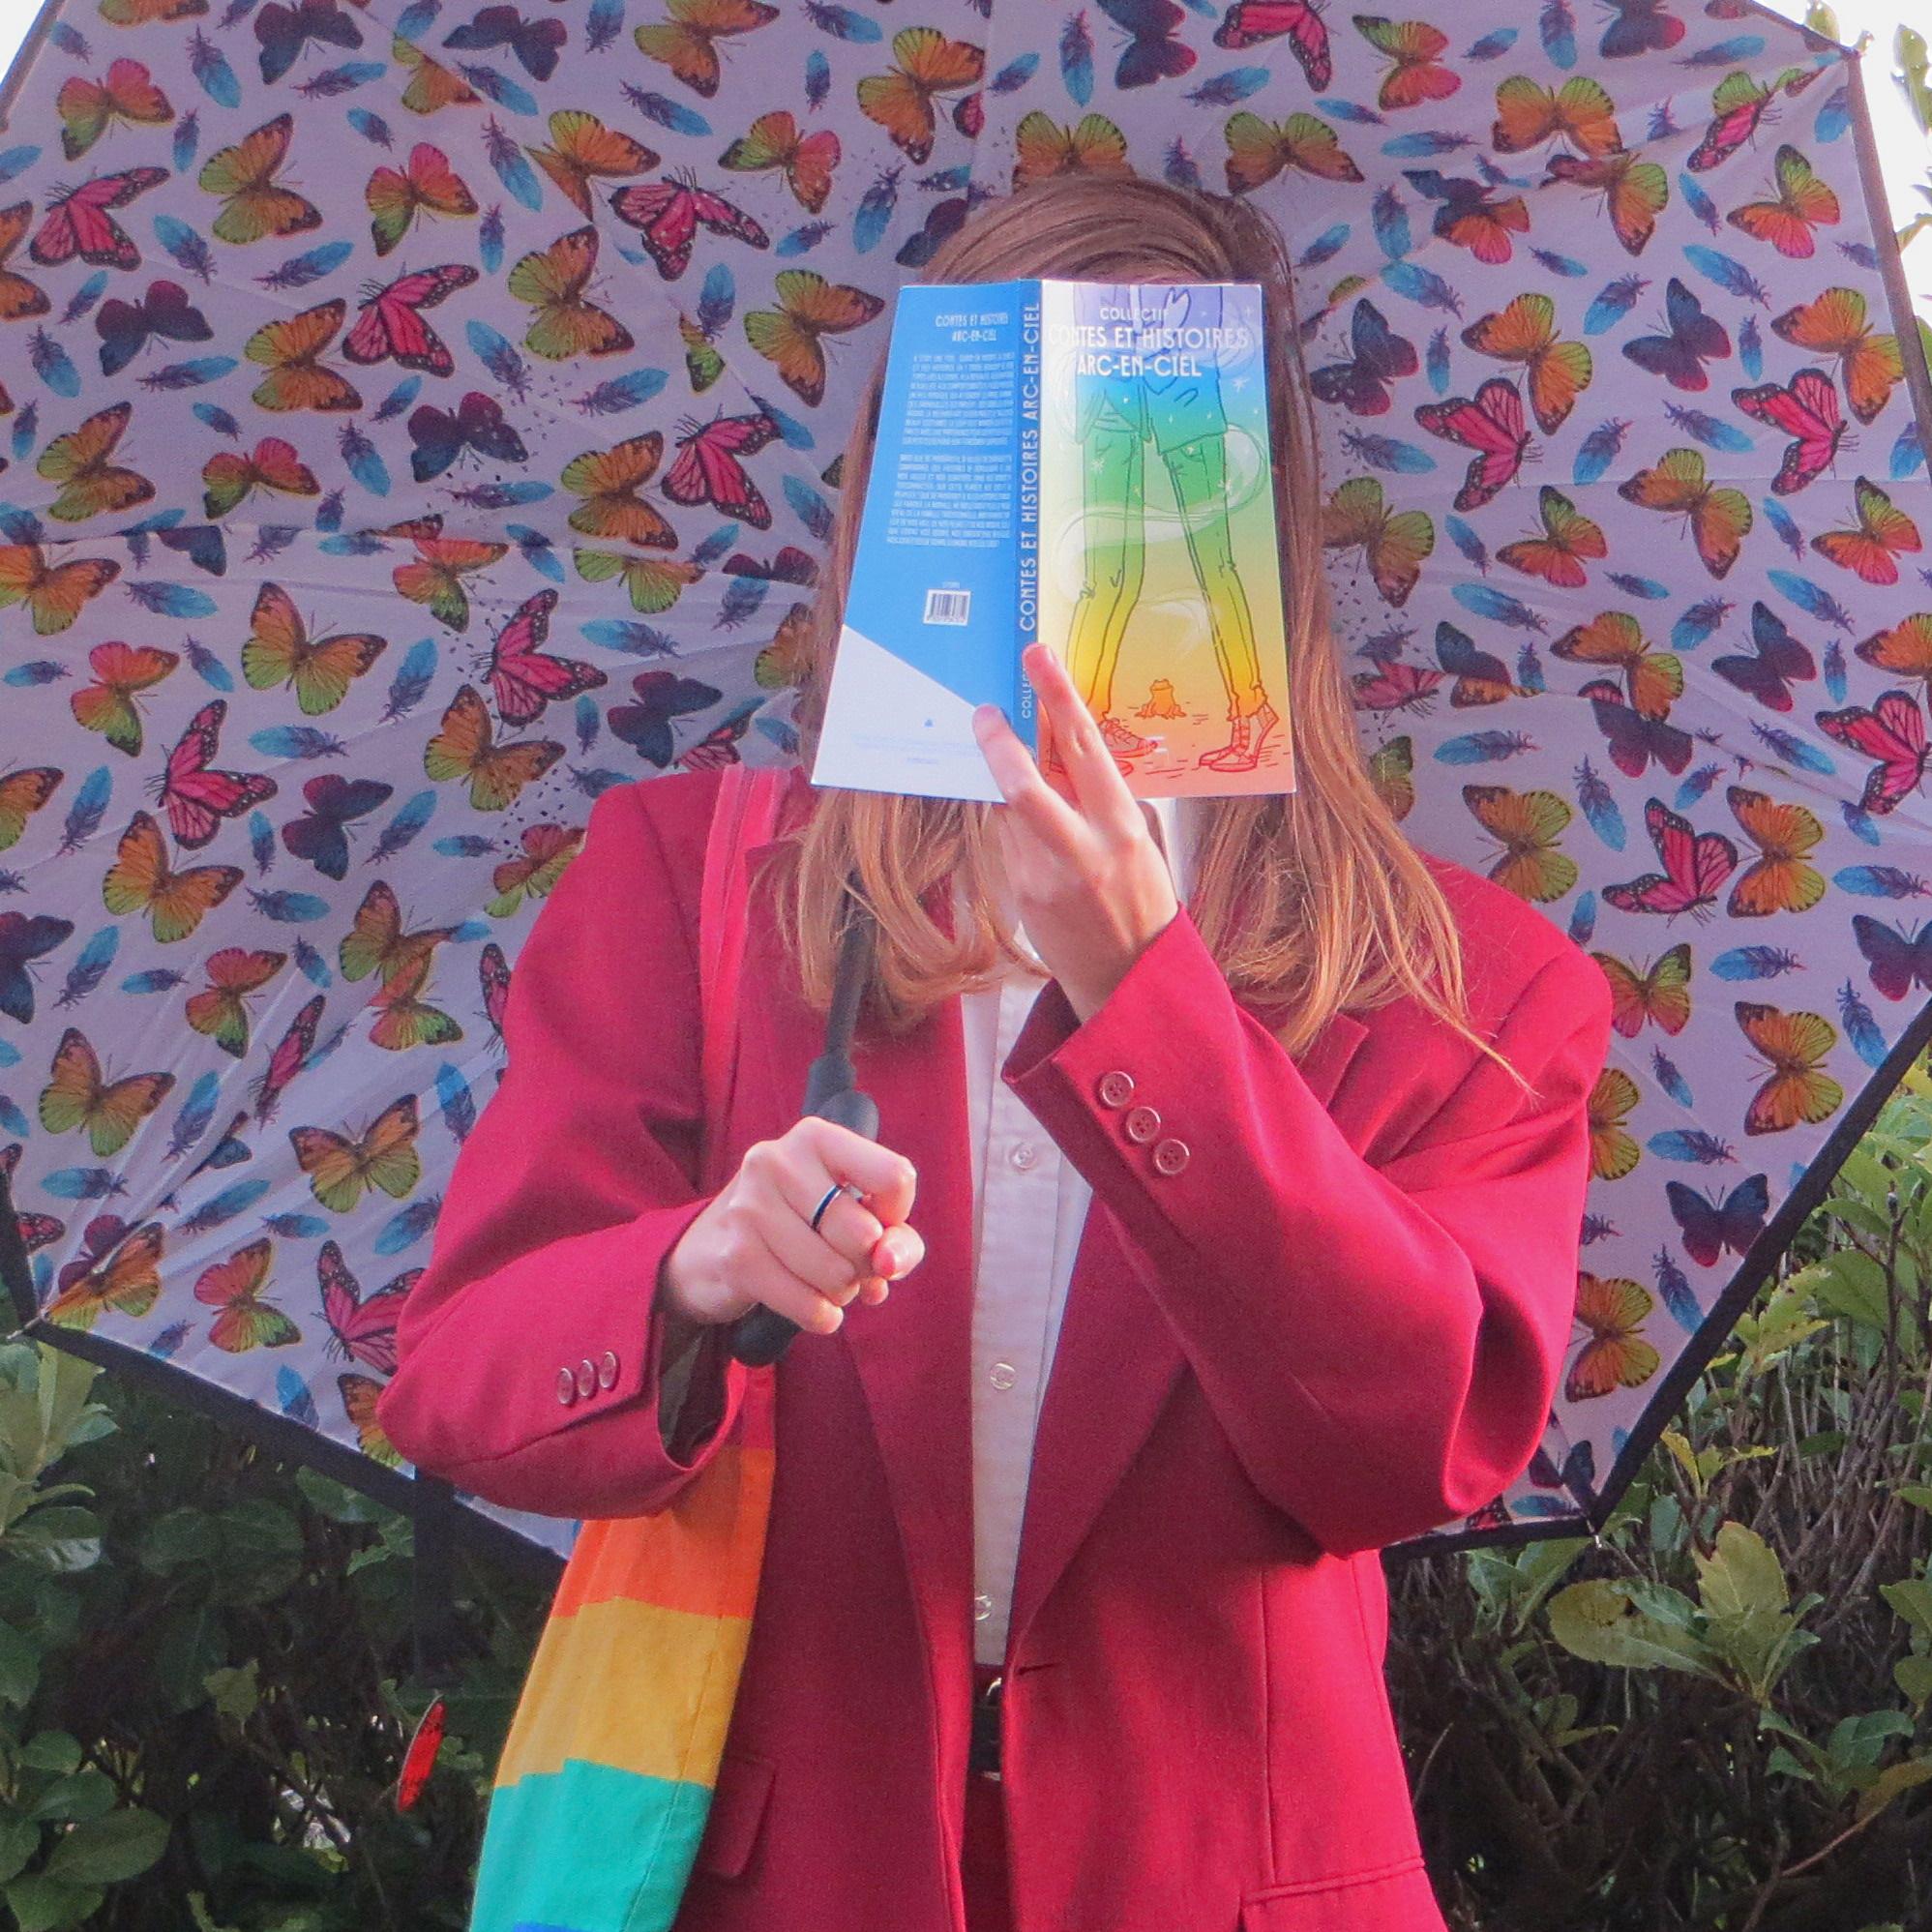 femme en costume rouge tenant un parapluie à papillons multicolores, un totebag arc-en-ciel, lisant Contes et Histoires Arc-en-ciel devant une haie